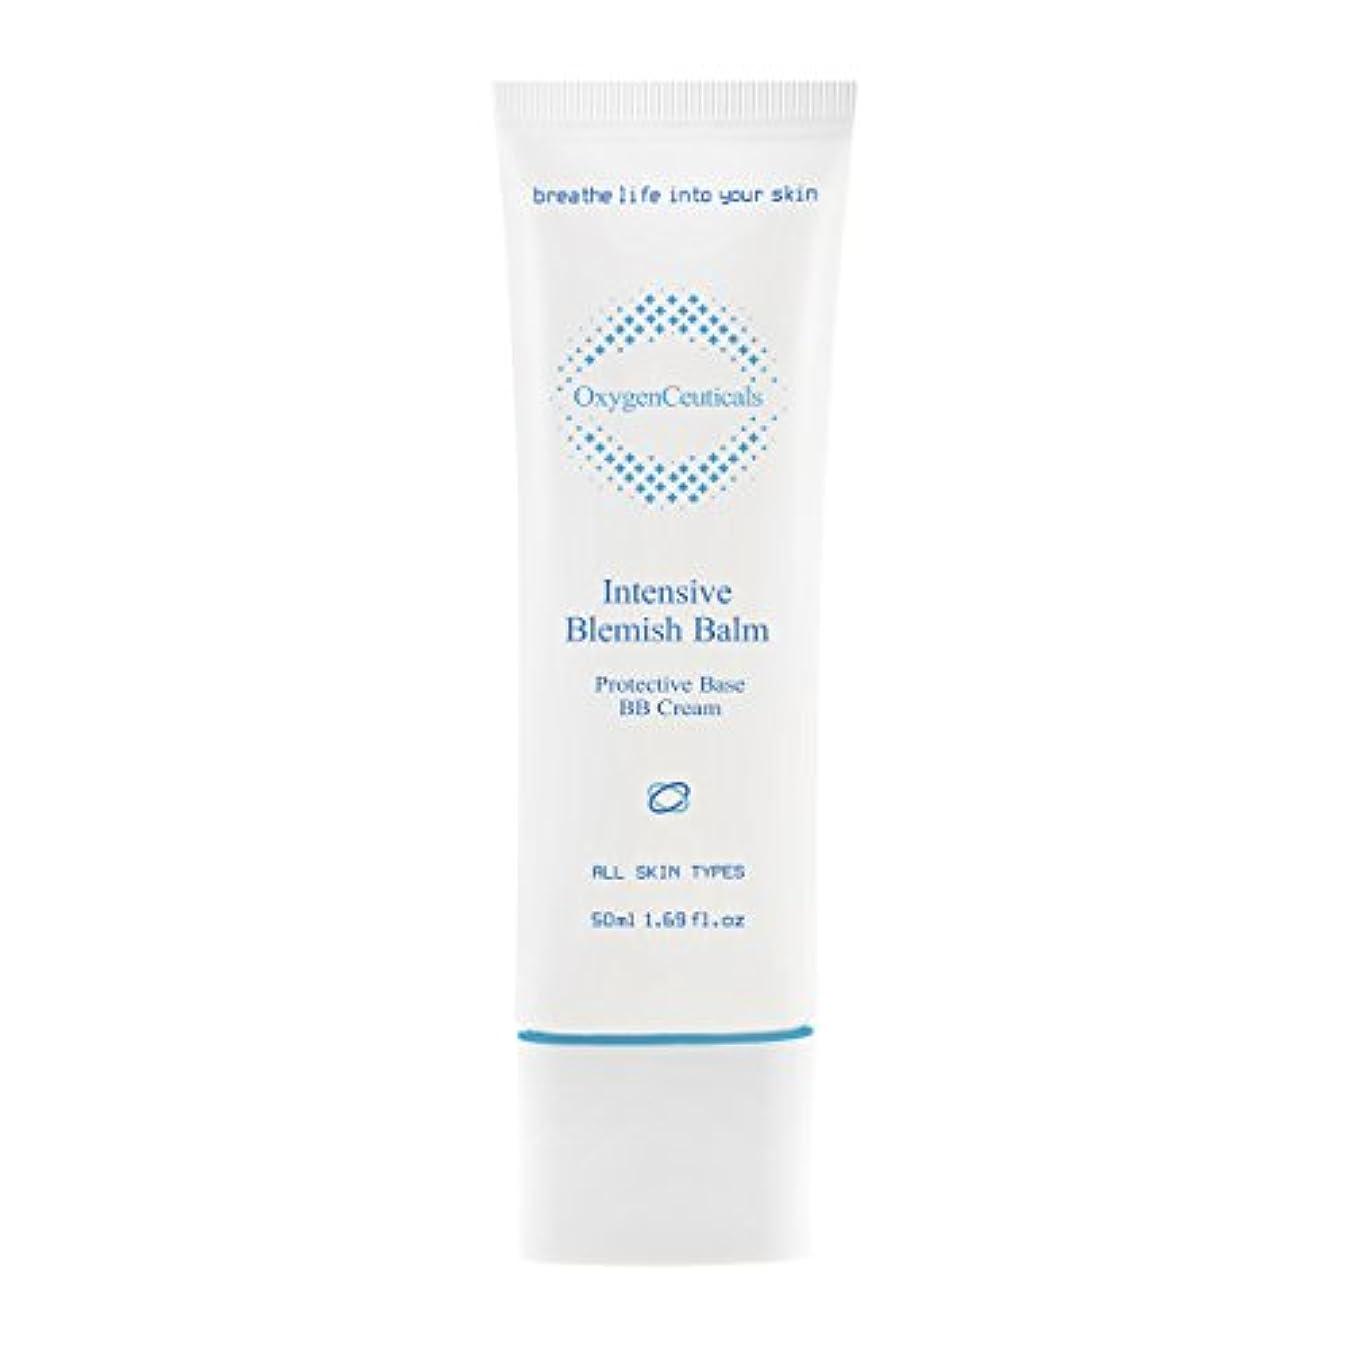 予測子昼間レポートを書く[ Oxygen Ceuticals ] オキシジェンシューティカルズ 酸素BBクリーム[再.生BB] 50ml. Intensive Blemish Balm(BB Cream) 50ml. X Mask Pack 1p.